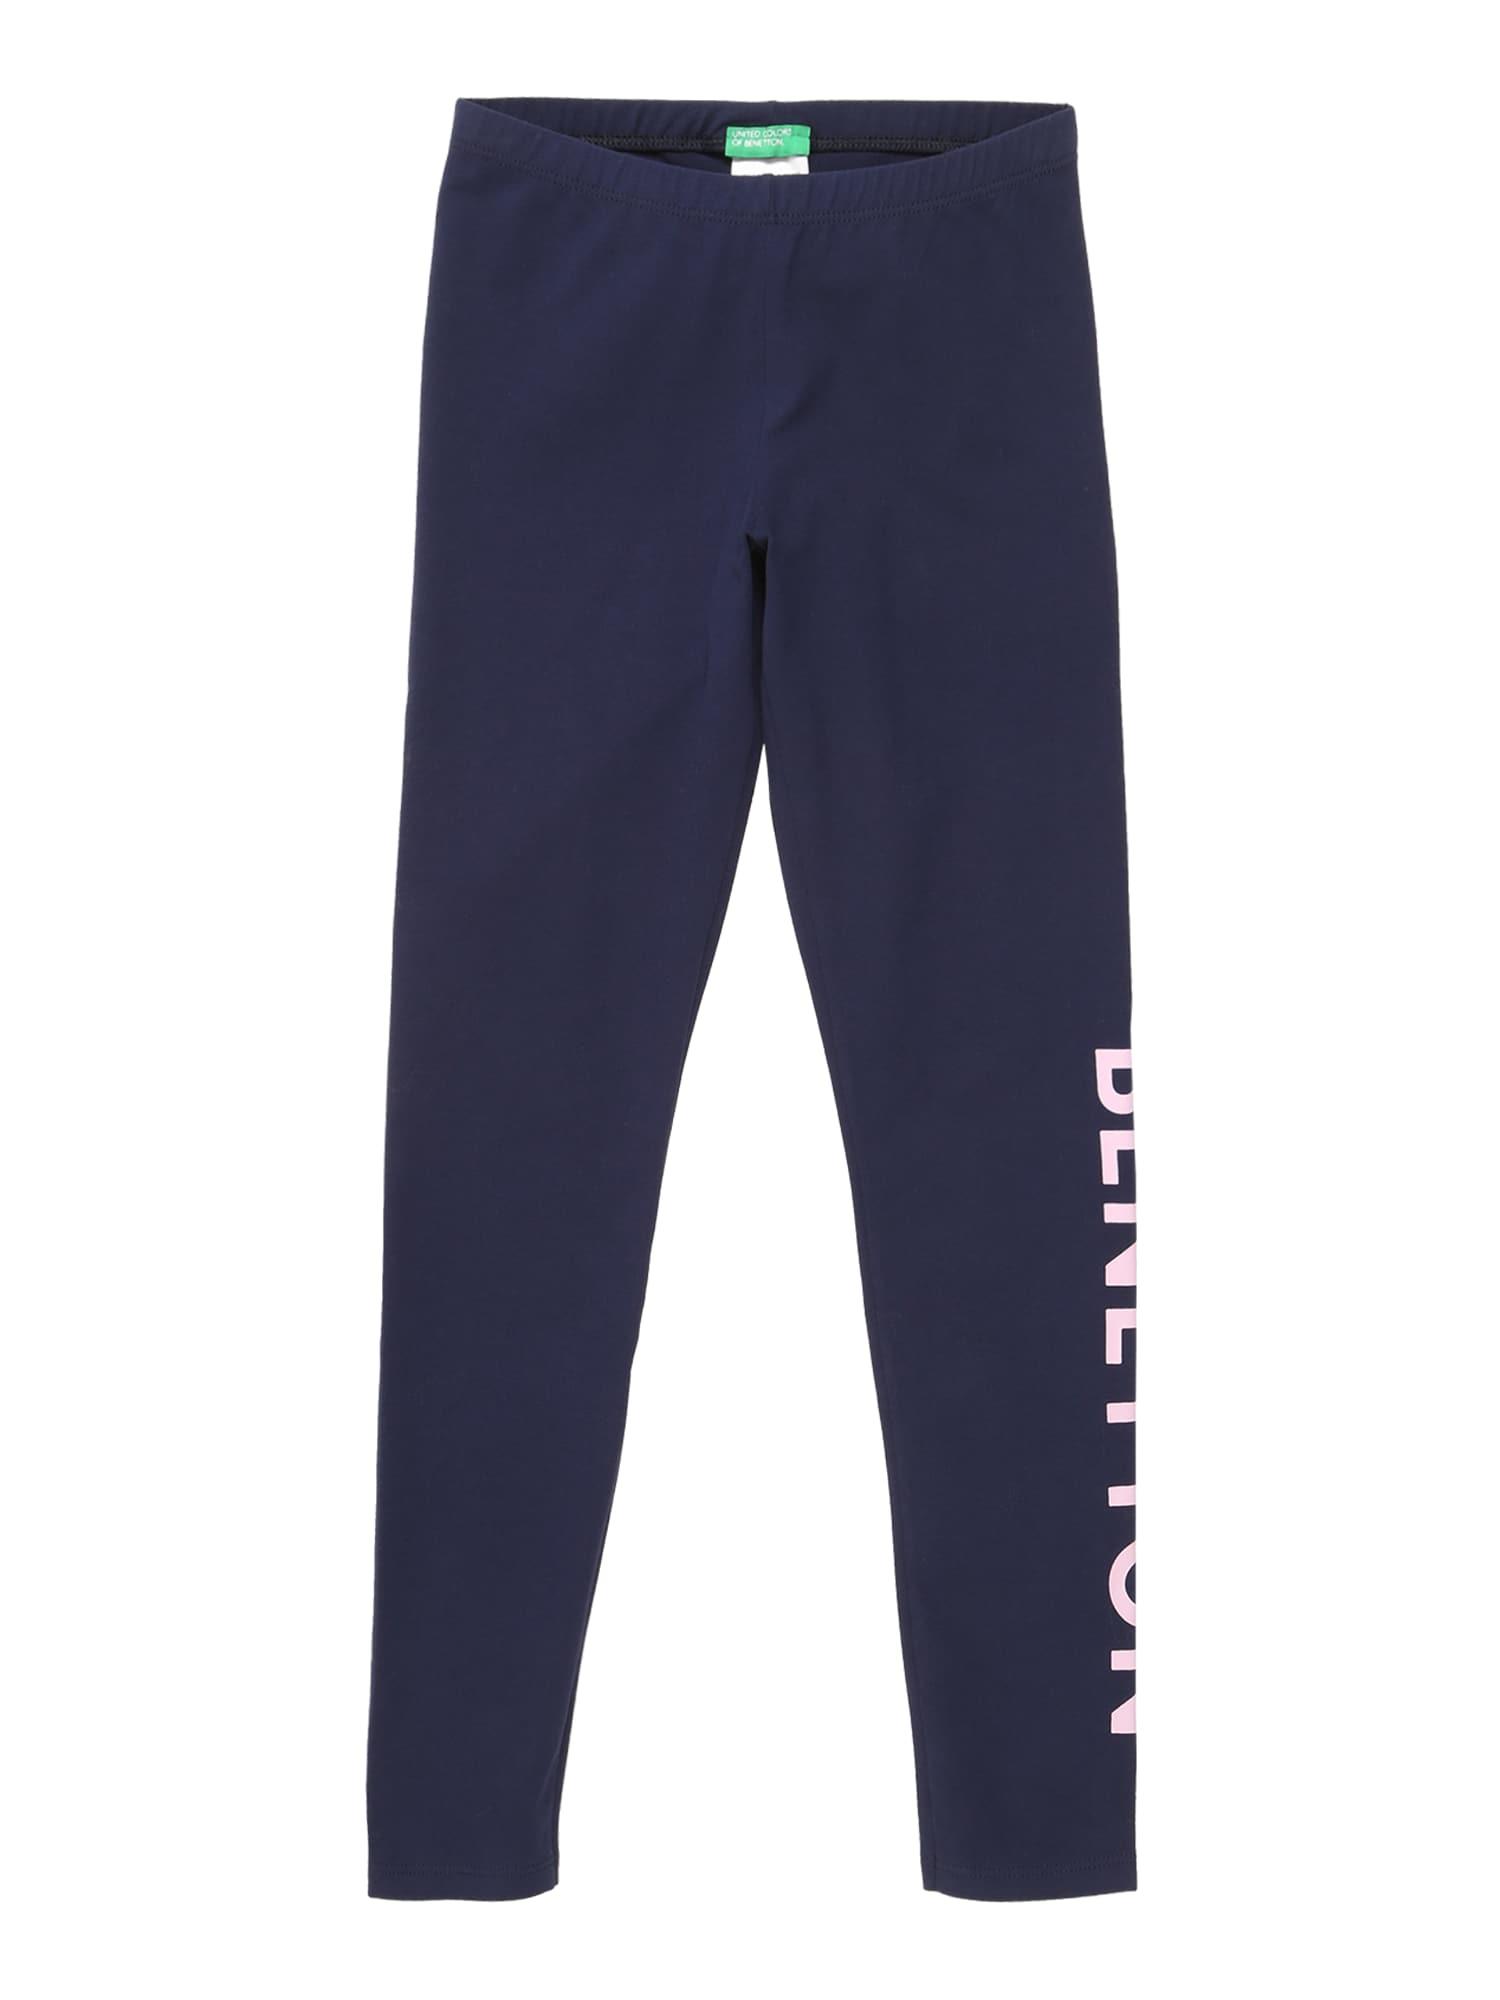 UNITED COLORS OF BENETTON Kalhoty  námořnická modř / bílá